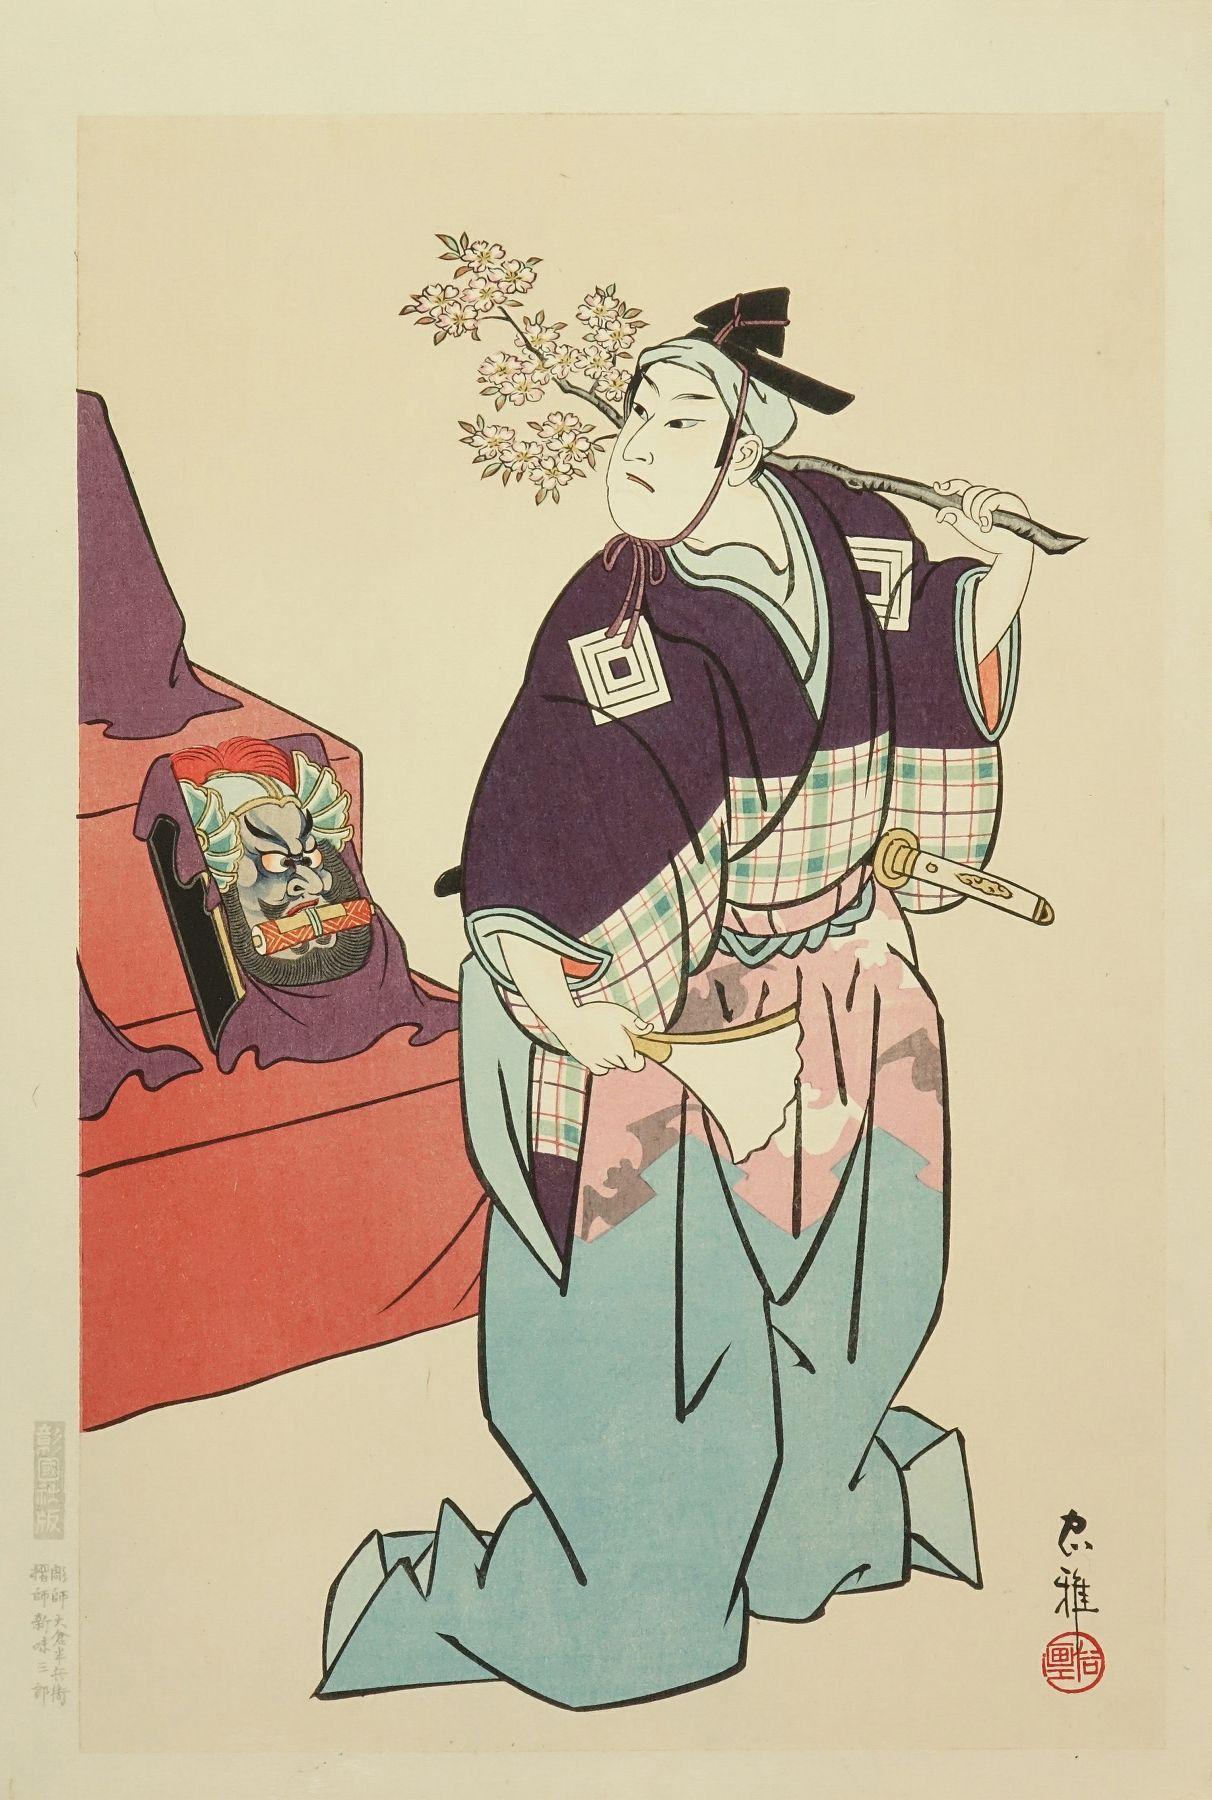 鳥居忠雅 歌舞伎十八番 七つ面